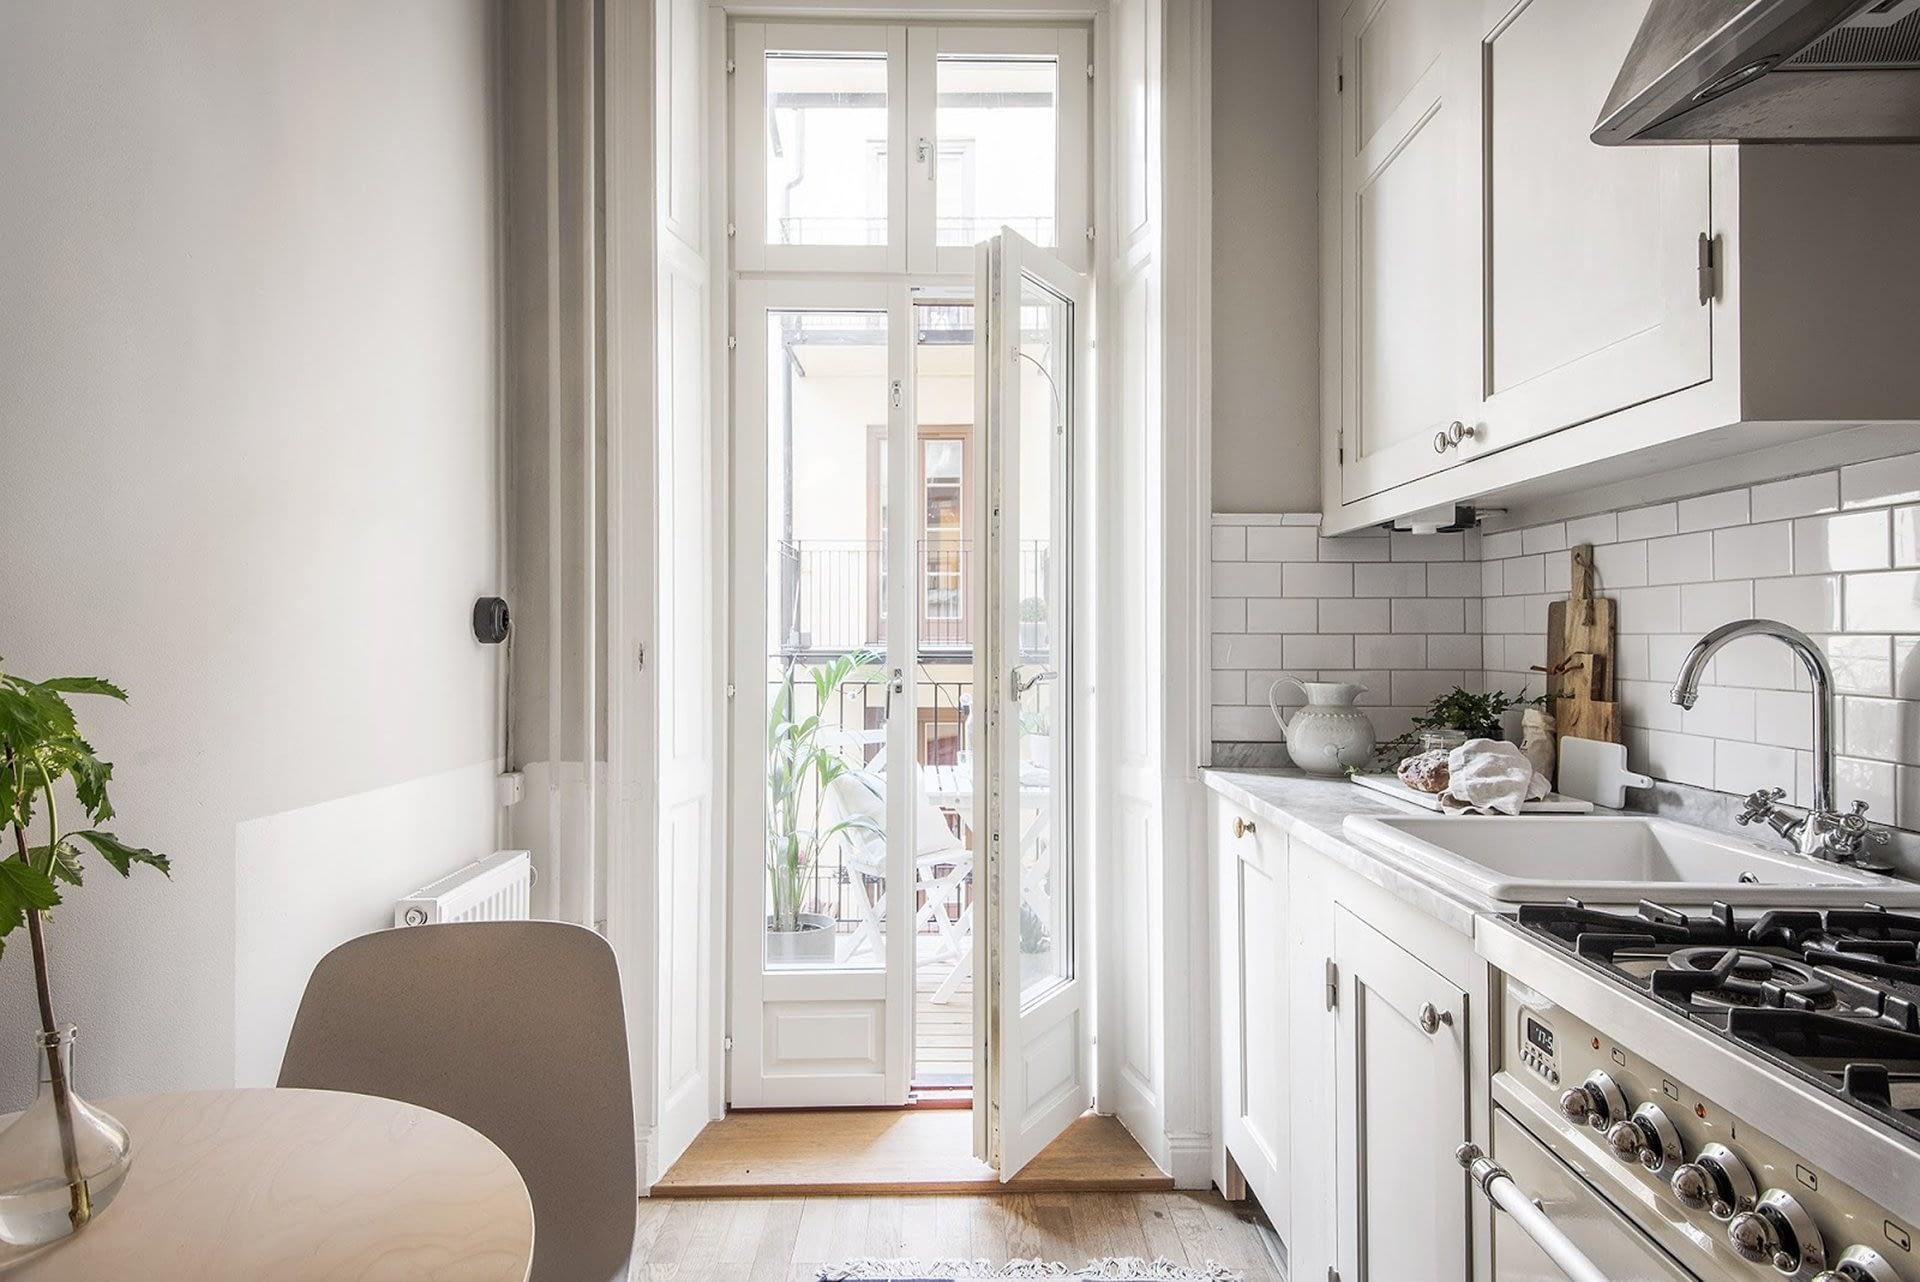 Amenajare scandinava in tonuri naturale de culoare intr-un apartament de 43 mp. 18